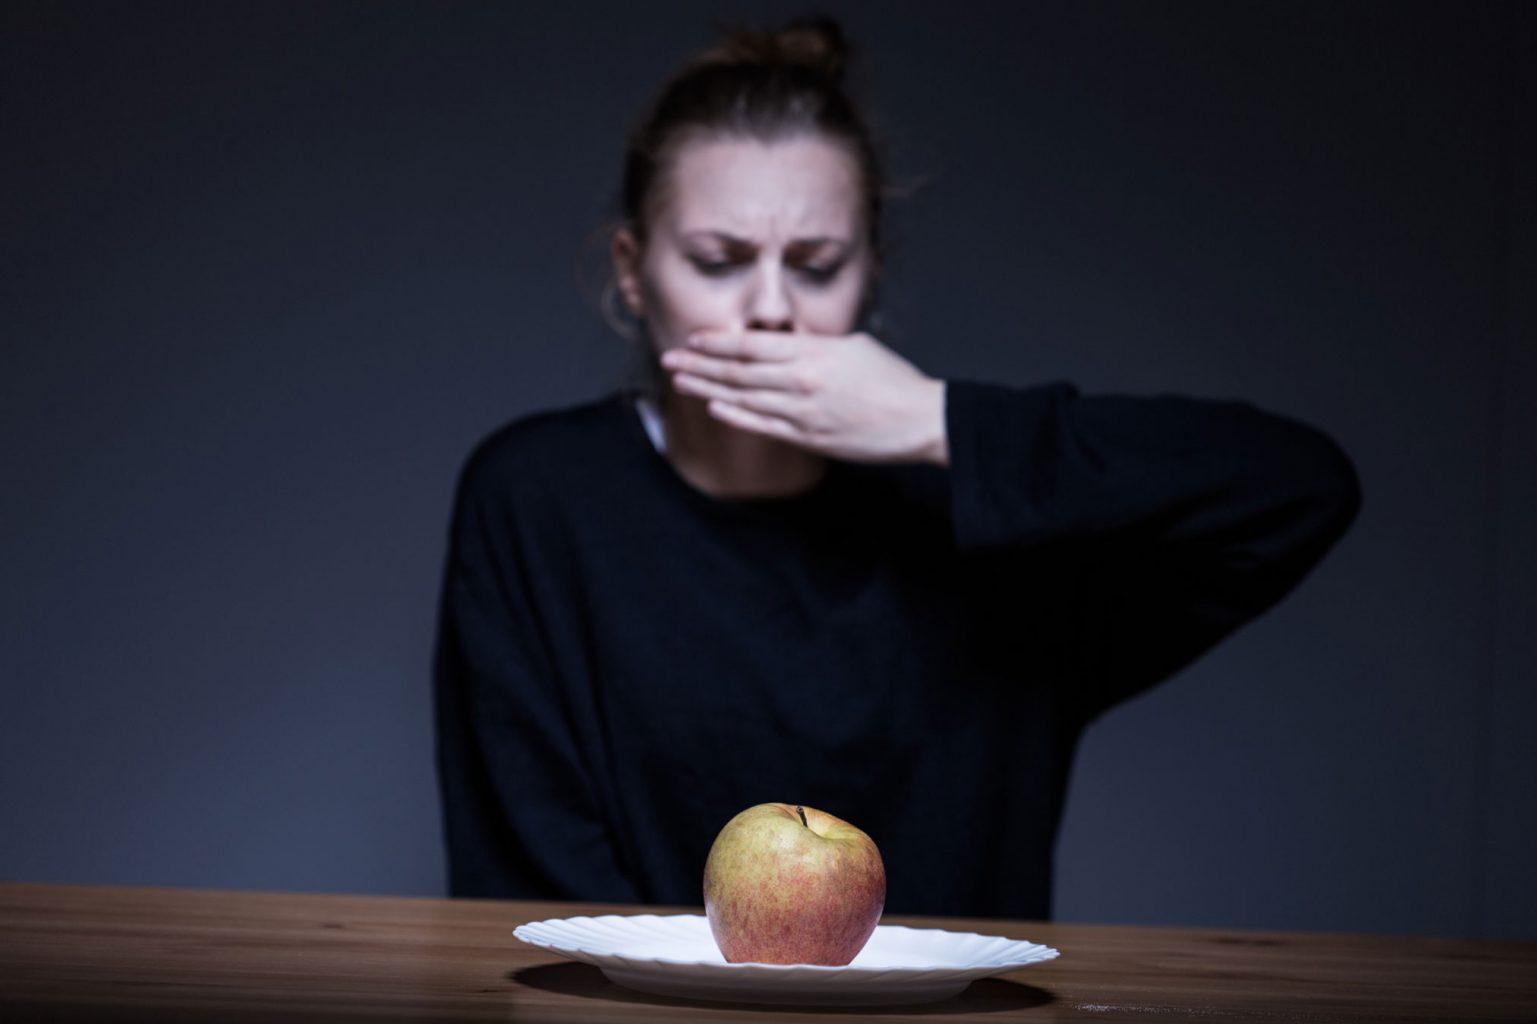 Расстройства пищевого поведения: классификация, симптомы и признаки, лечение